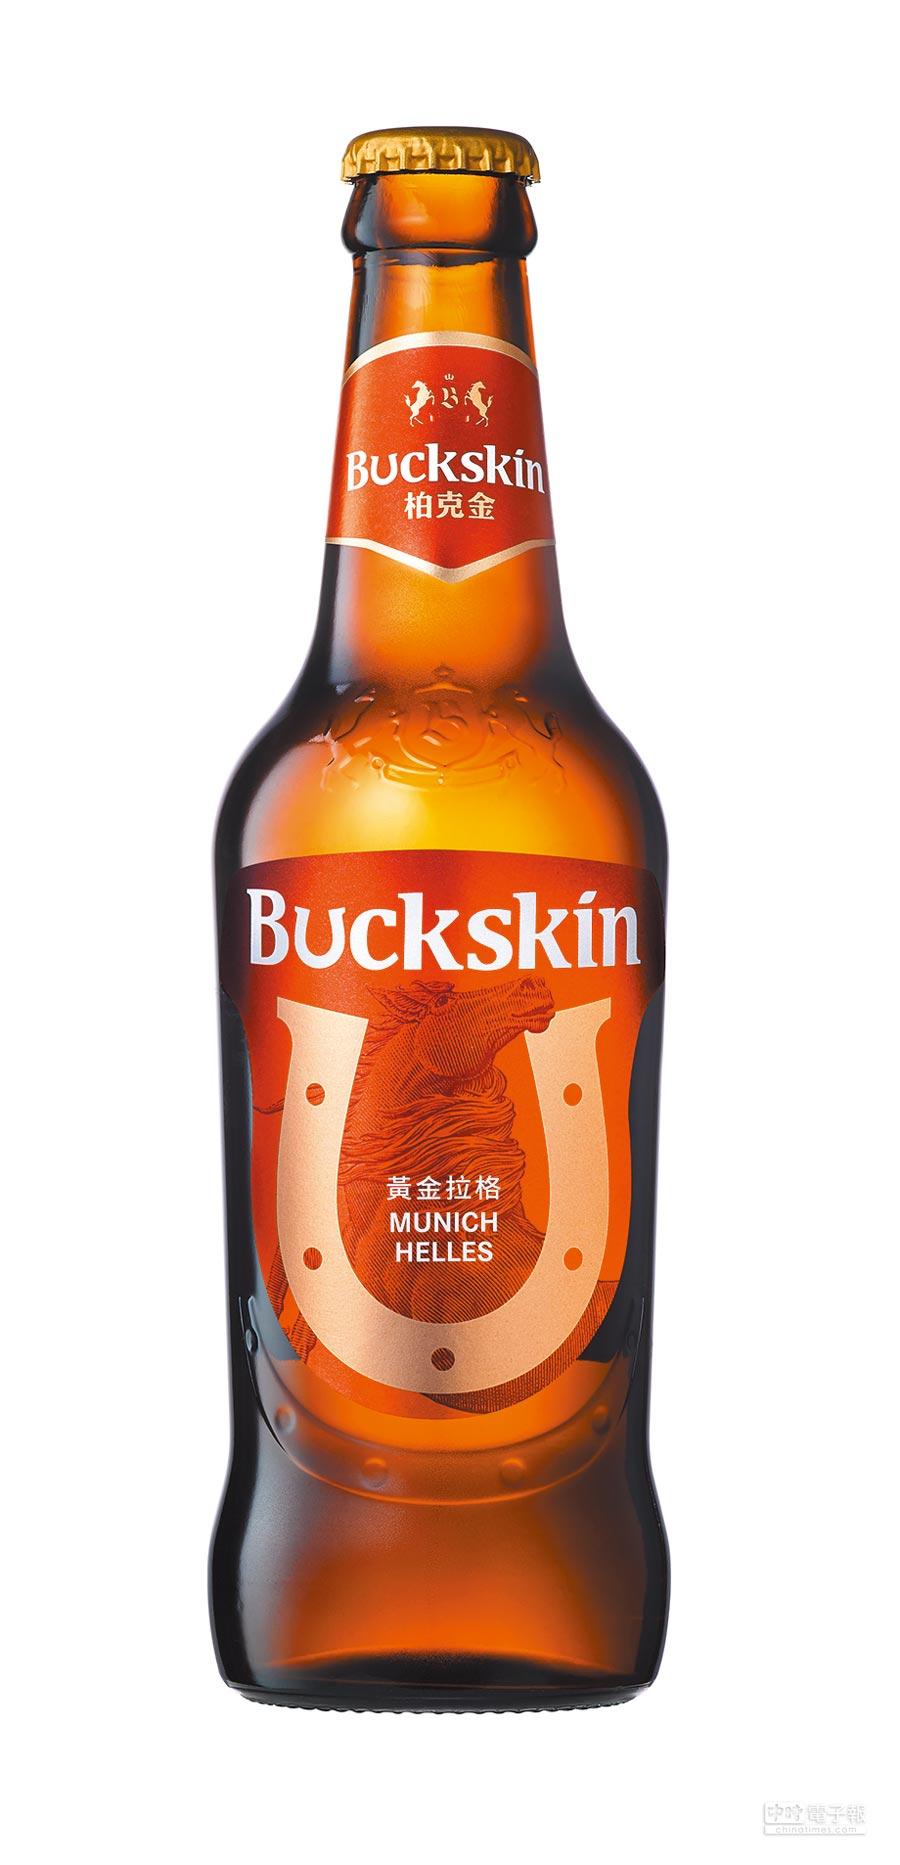 柏克金黃金拉格啤酒玻璃瓶裝,建議售價58元。